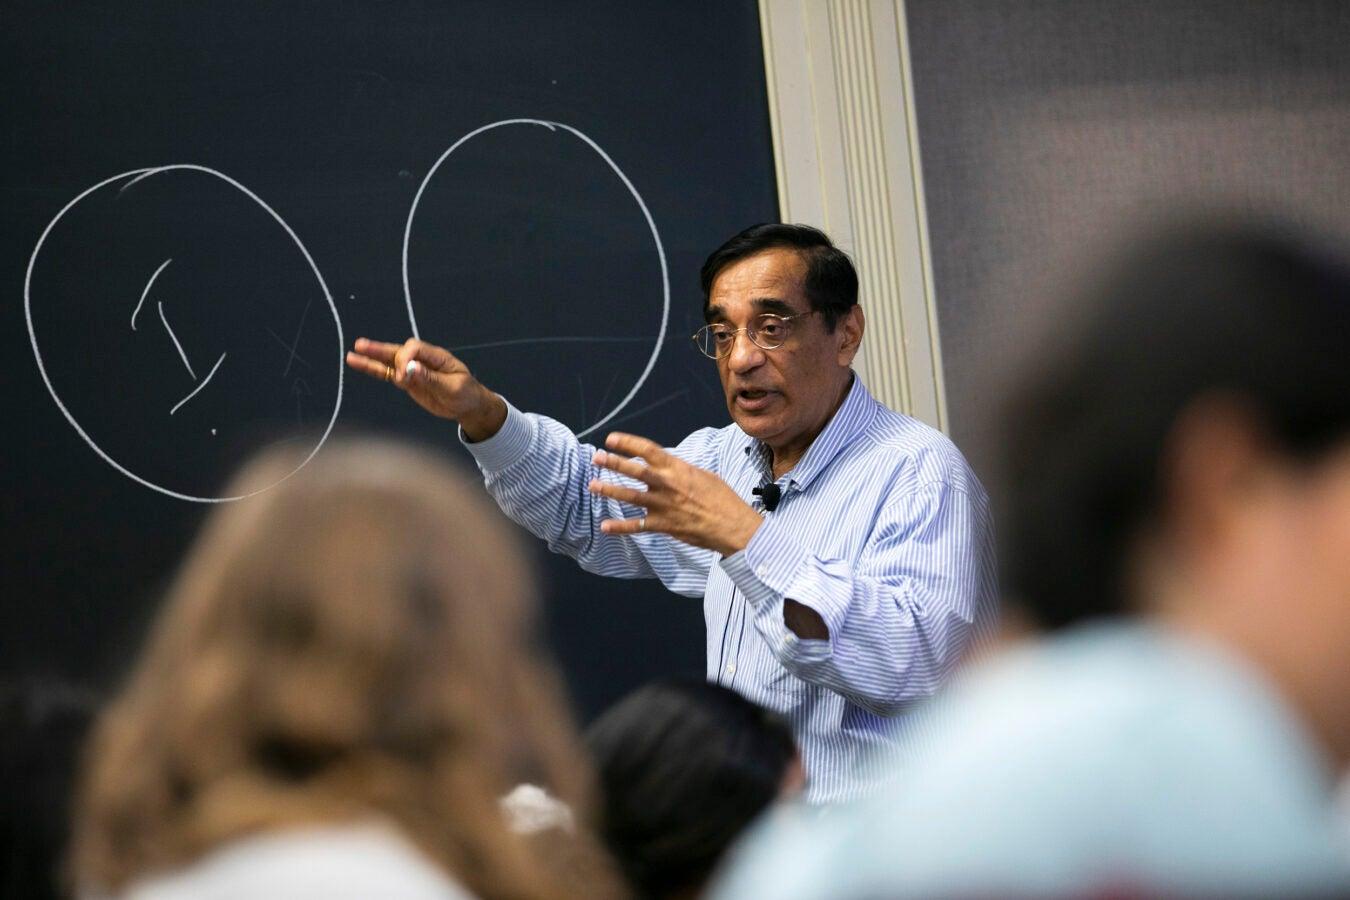 Ali Asani teaches during class.